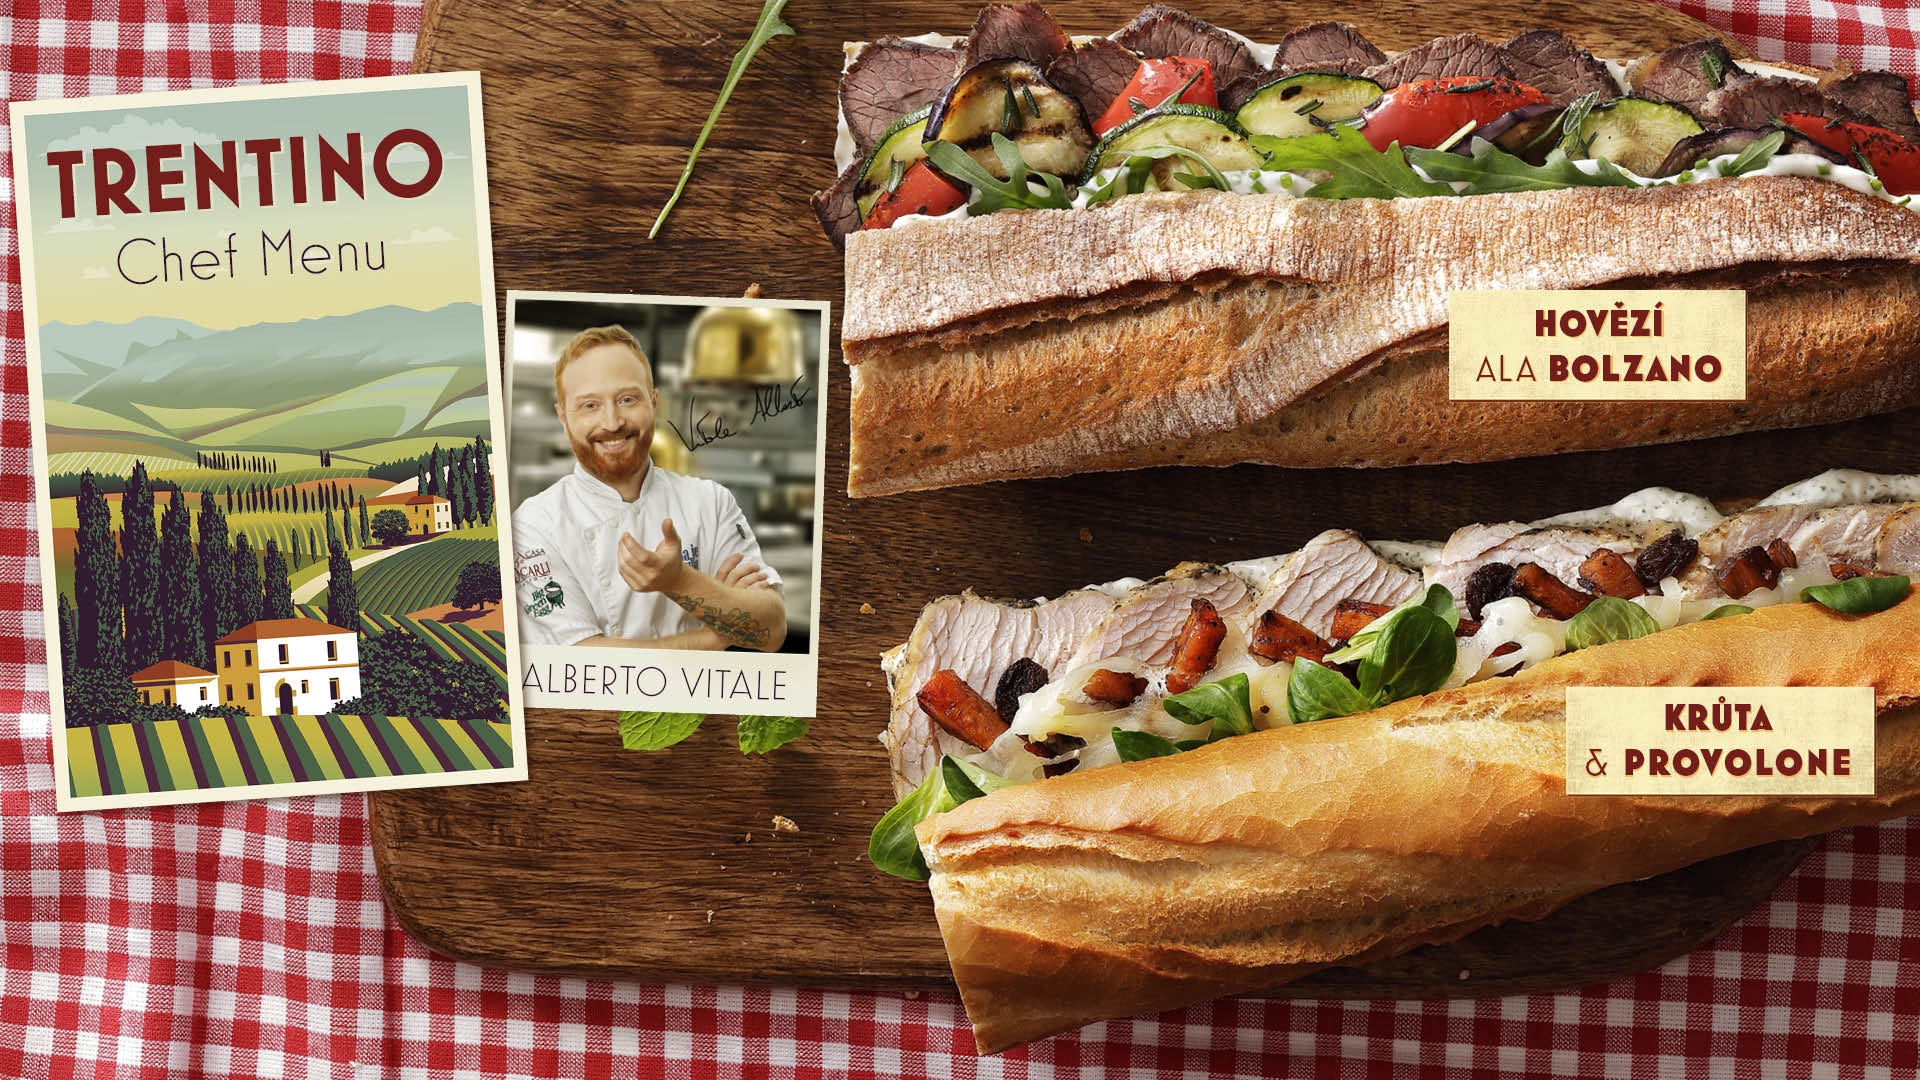 Trentino Chef menu